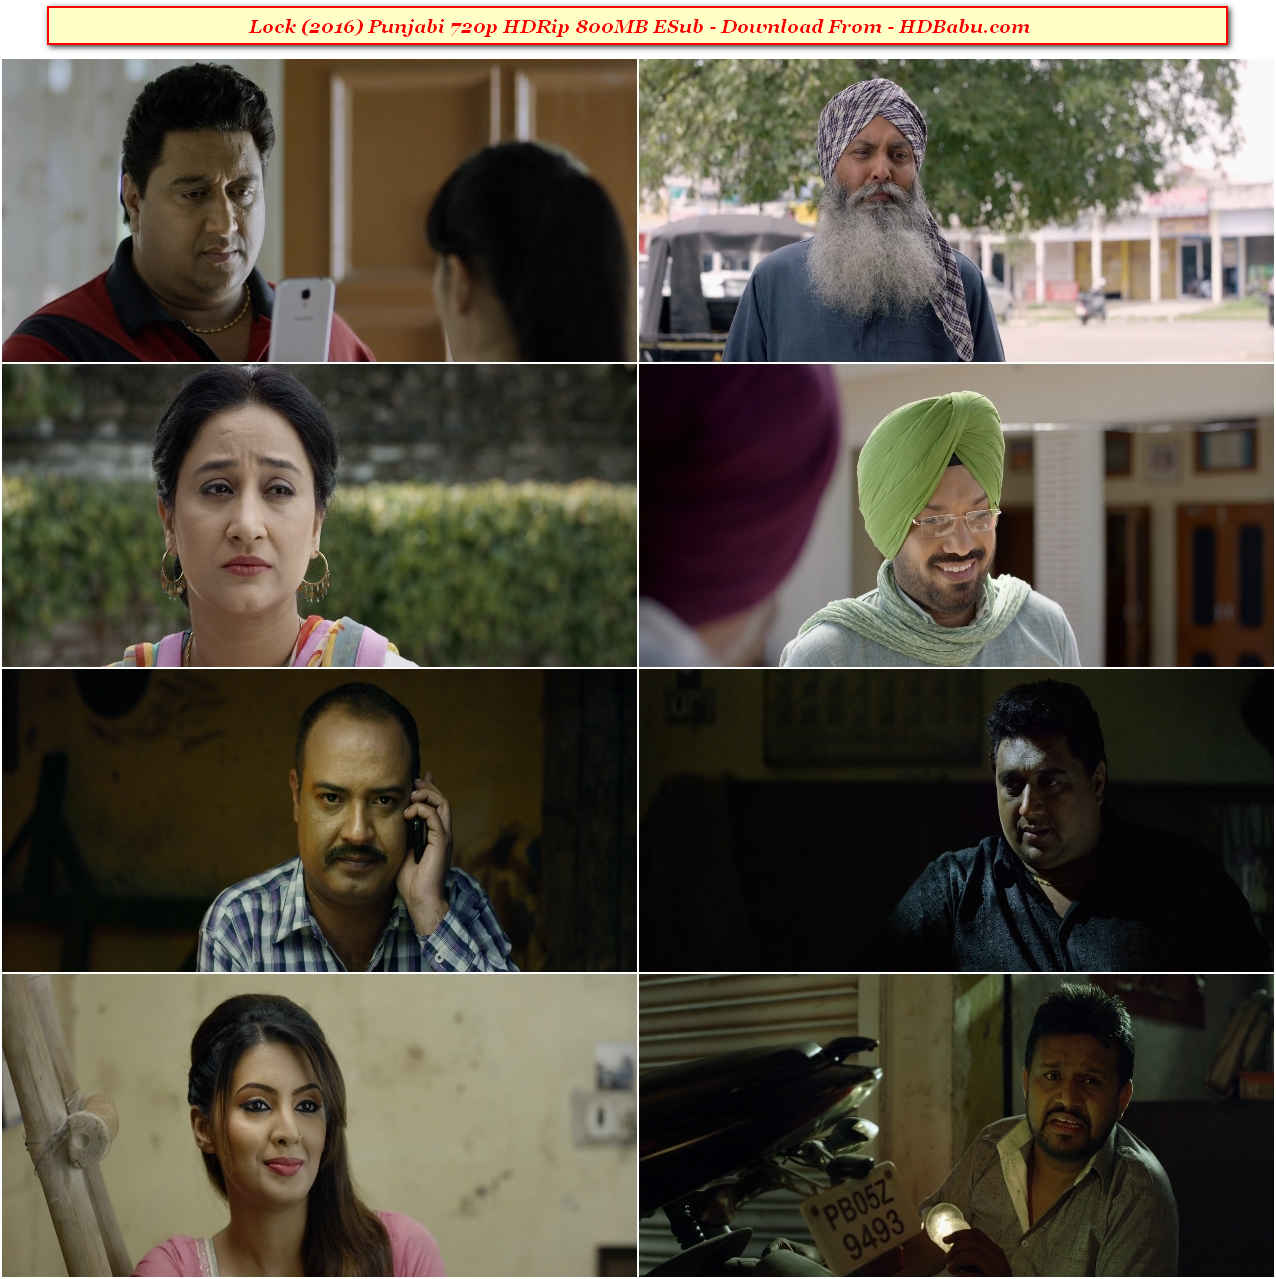 Lock Punjabi 1080pFull Movie Download